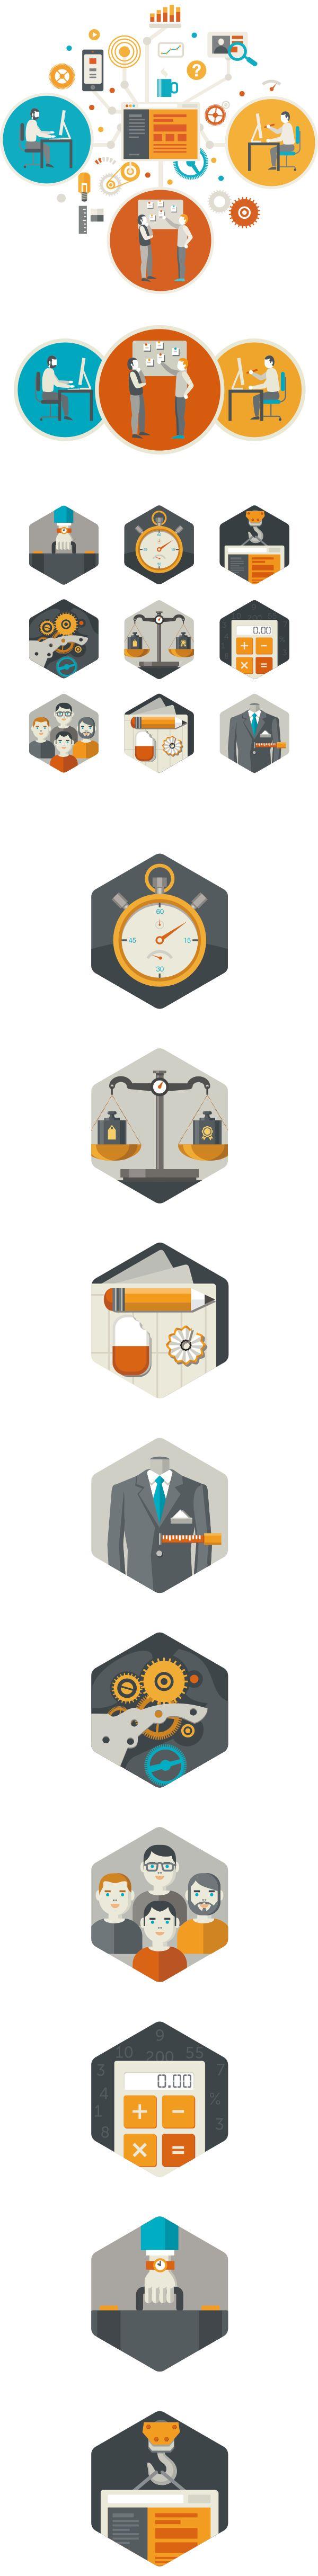 https://www.behance.net/gallery/14454297/Illustrations-for-FireArt-web-studio